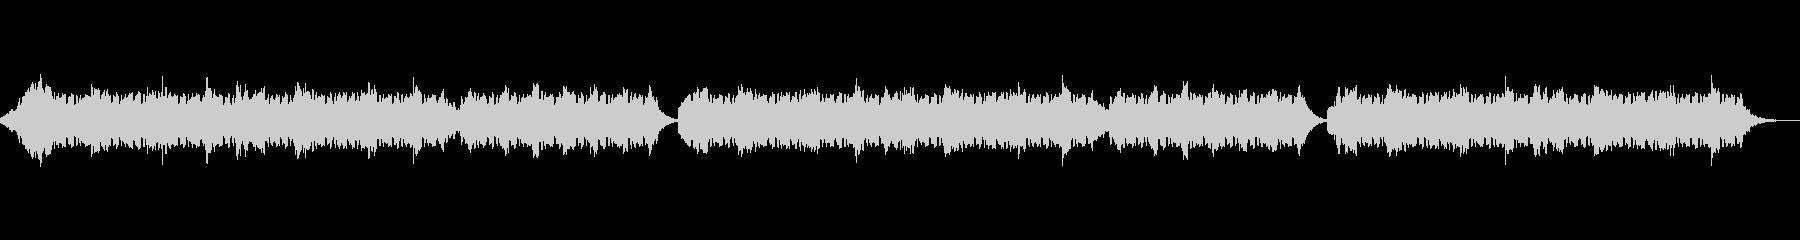 優しい音色の528H音楽の未再生の波形